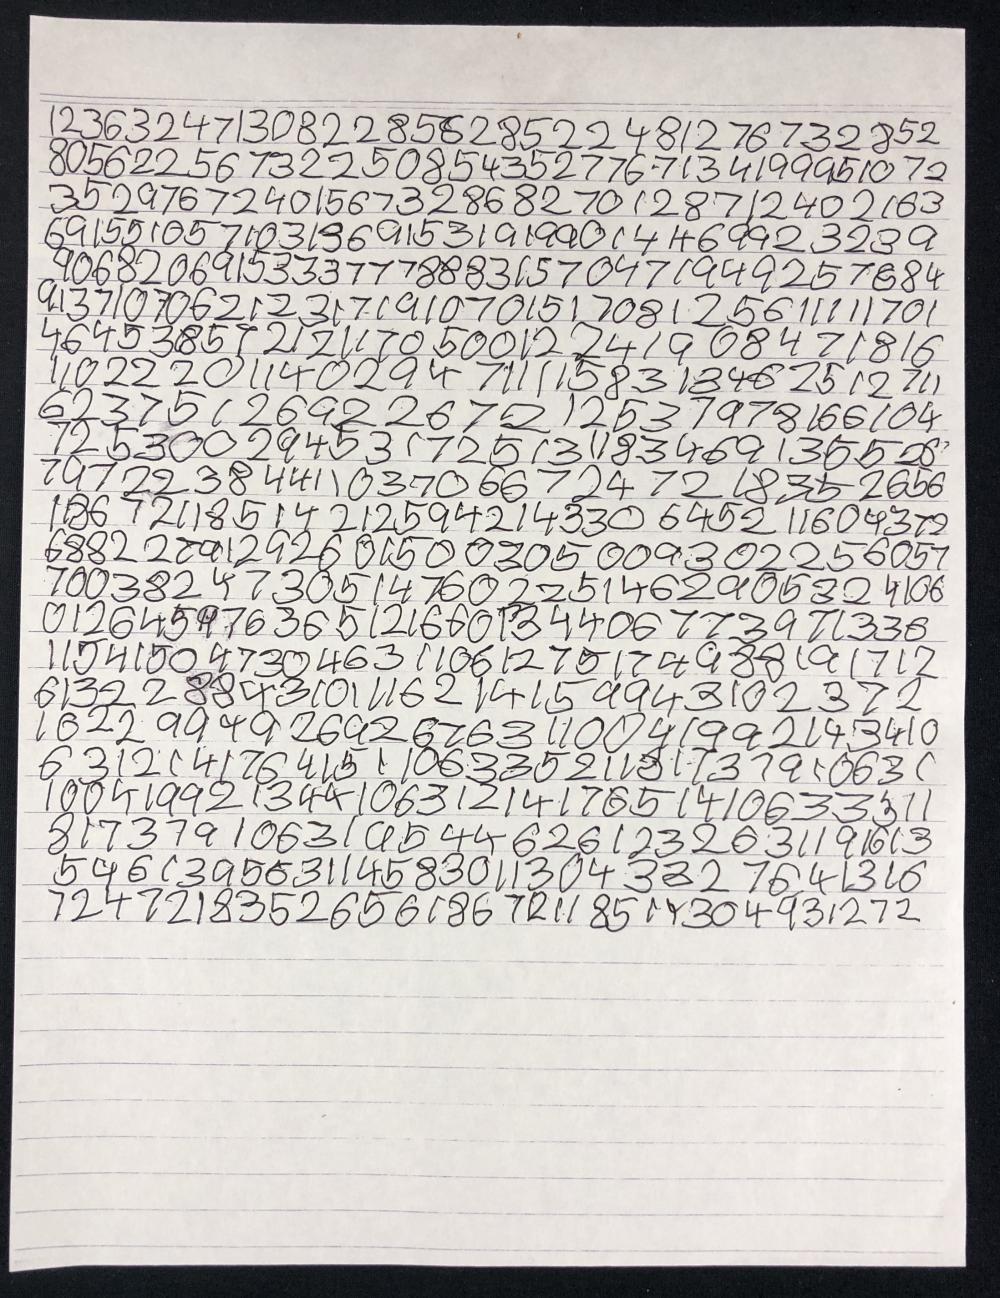 Knowing (2009) - Caleb Koestler List of Numbers